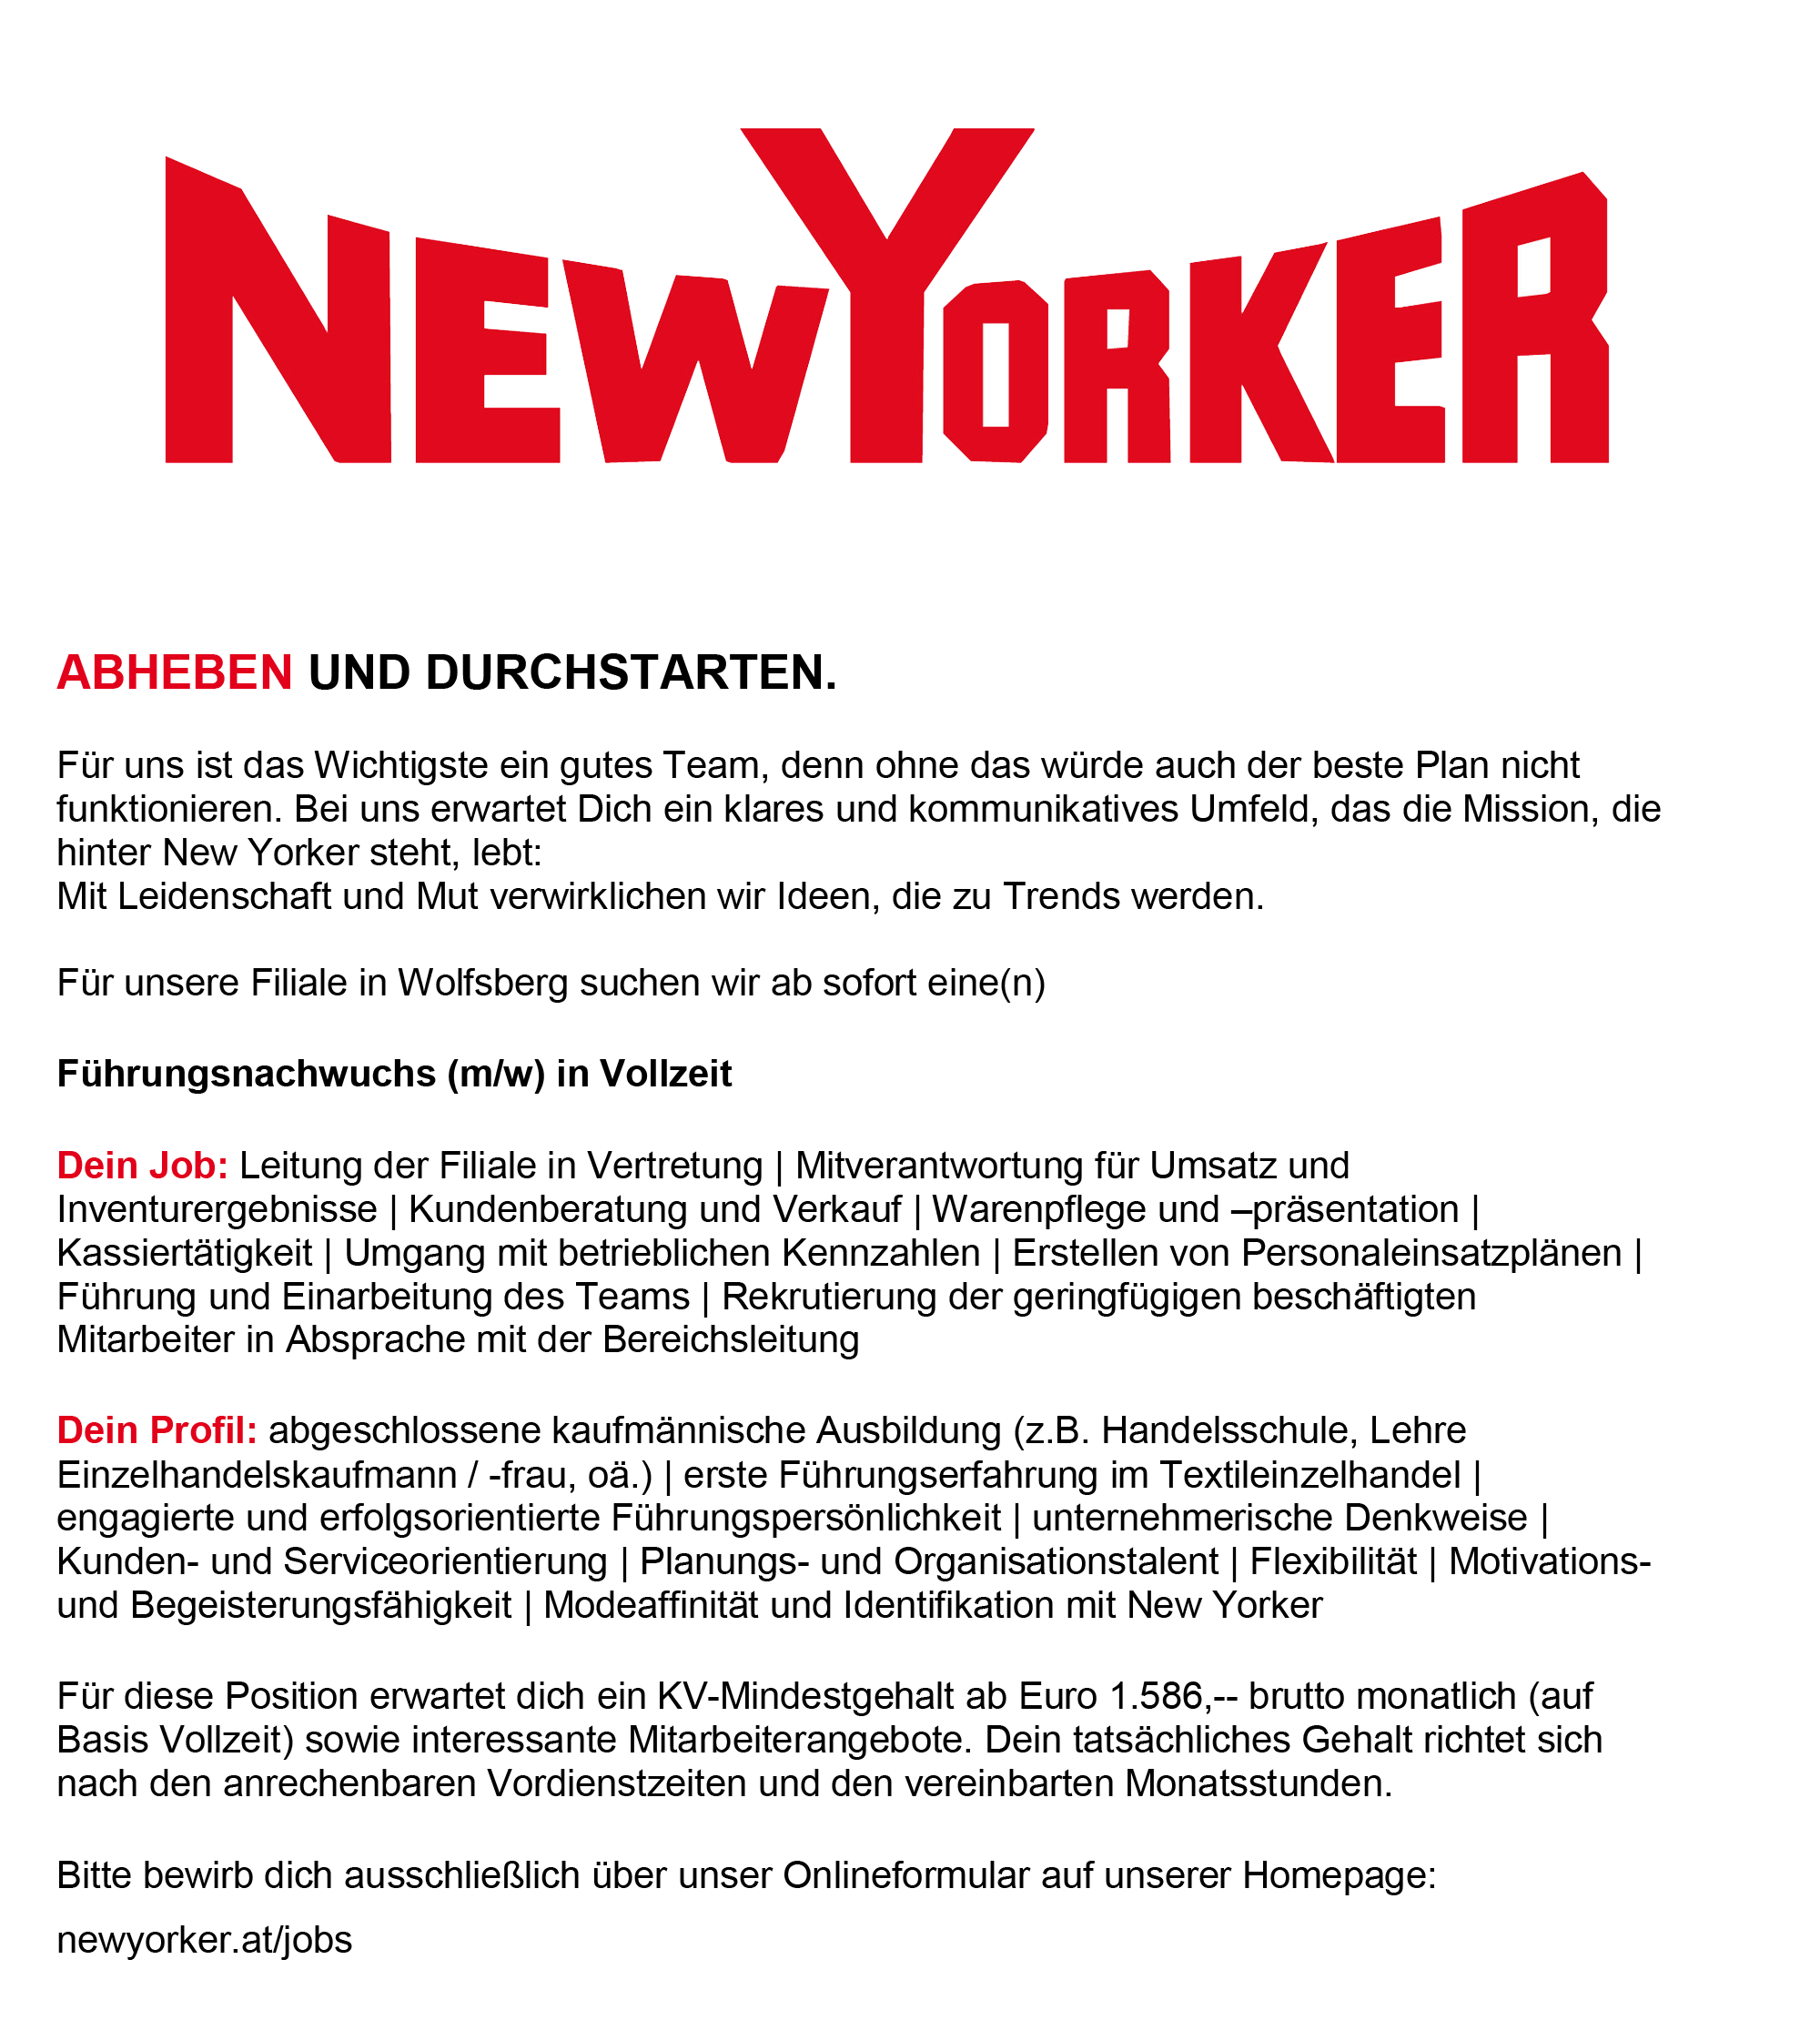 Führungsnachwuchs New Yorker